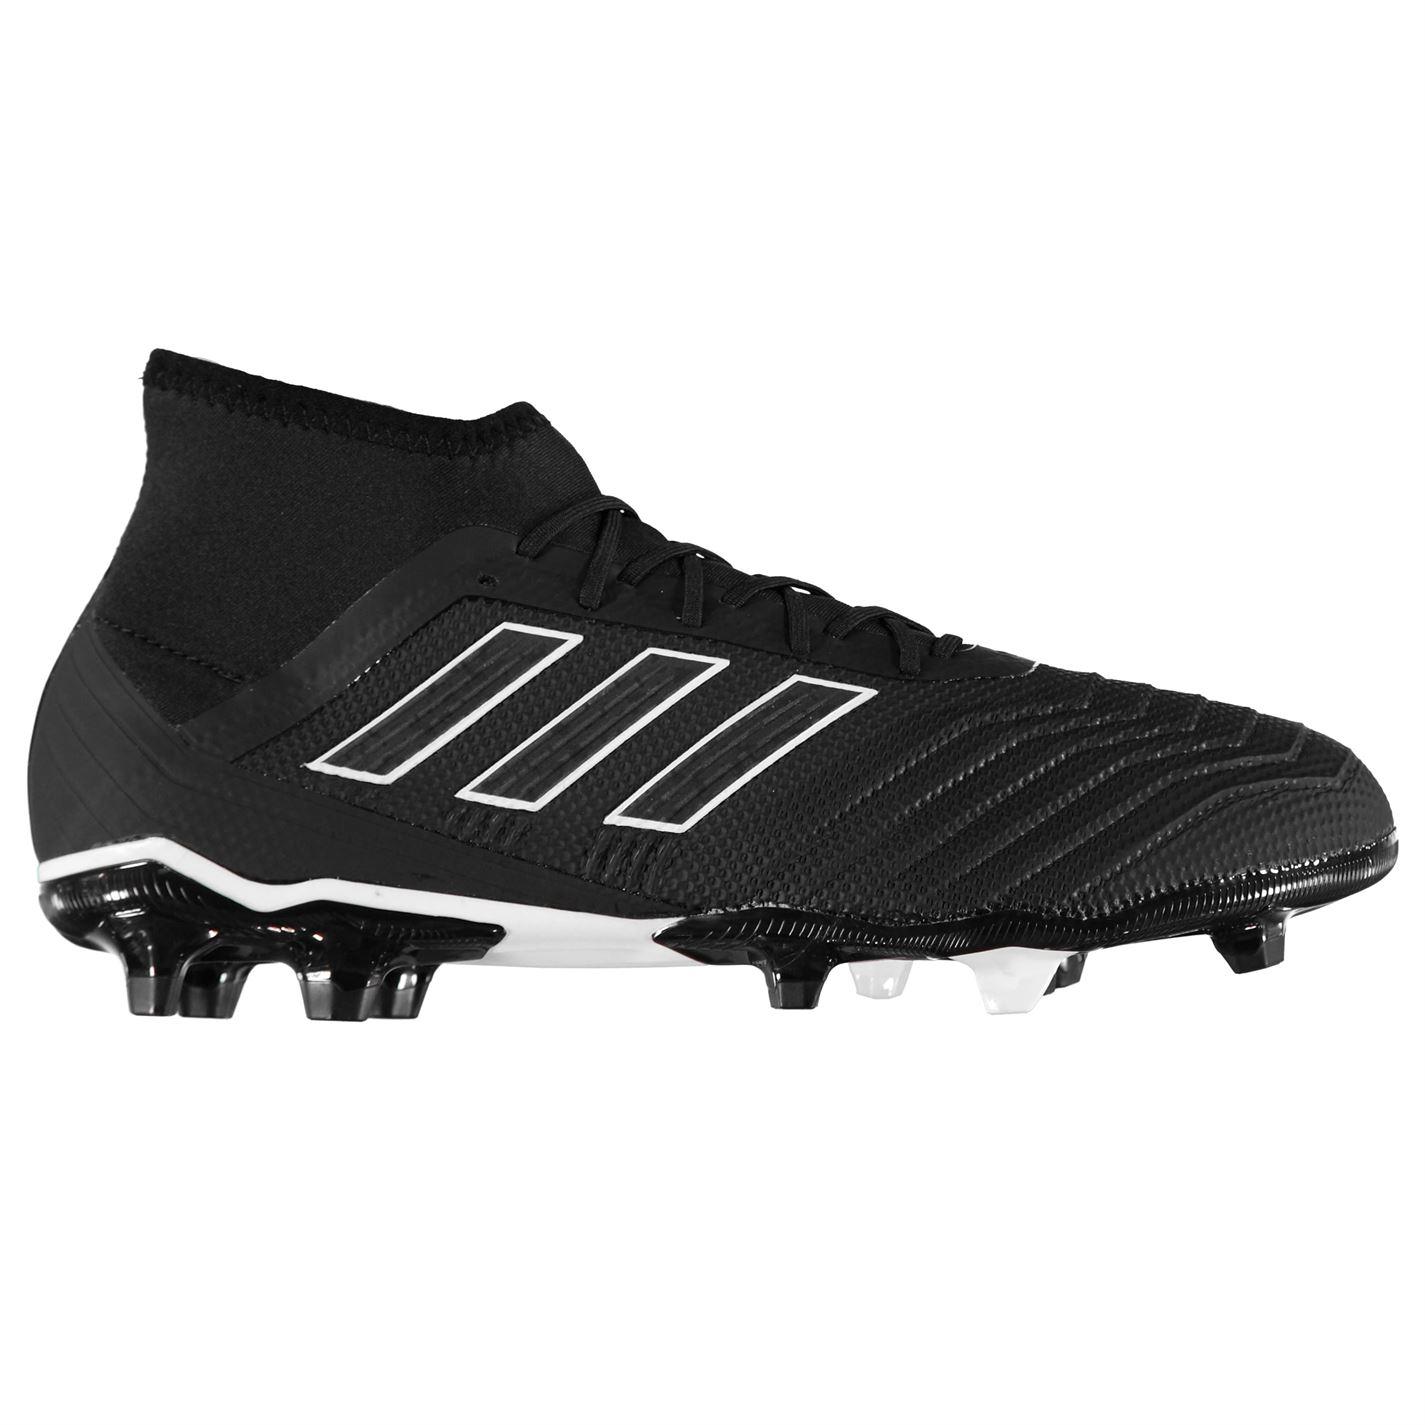 kopačky adidas Predator 18.2 pánské FG Black Black - Glami.cz 45c71a05768